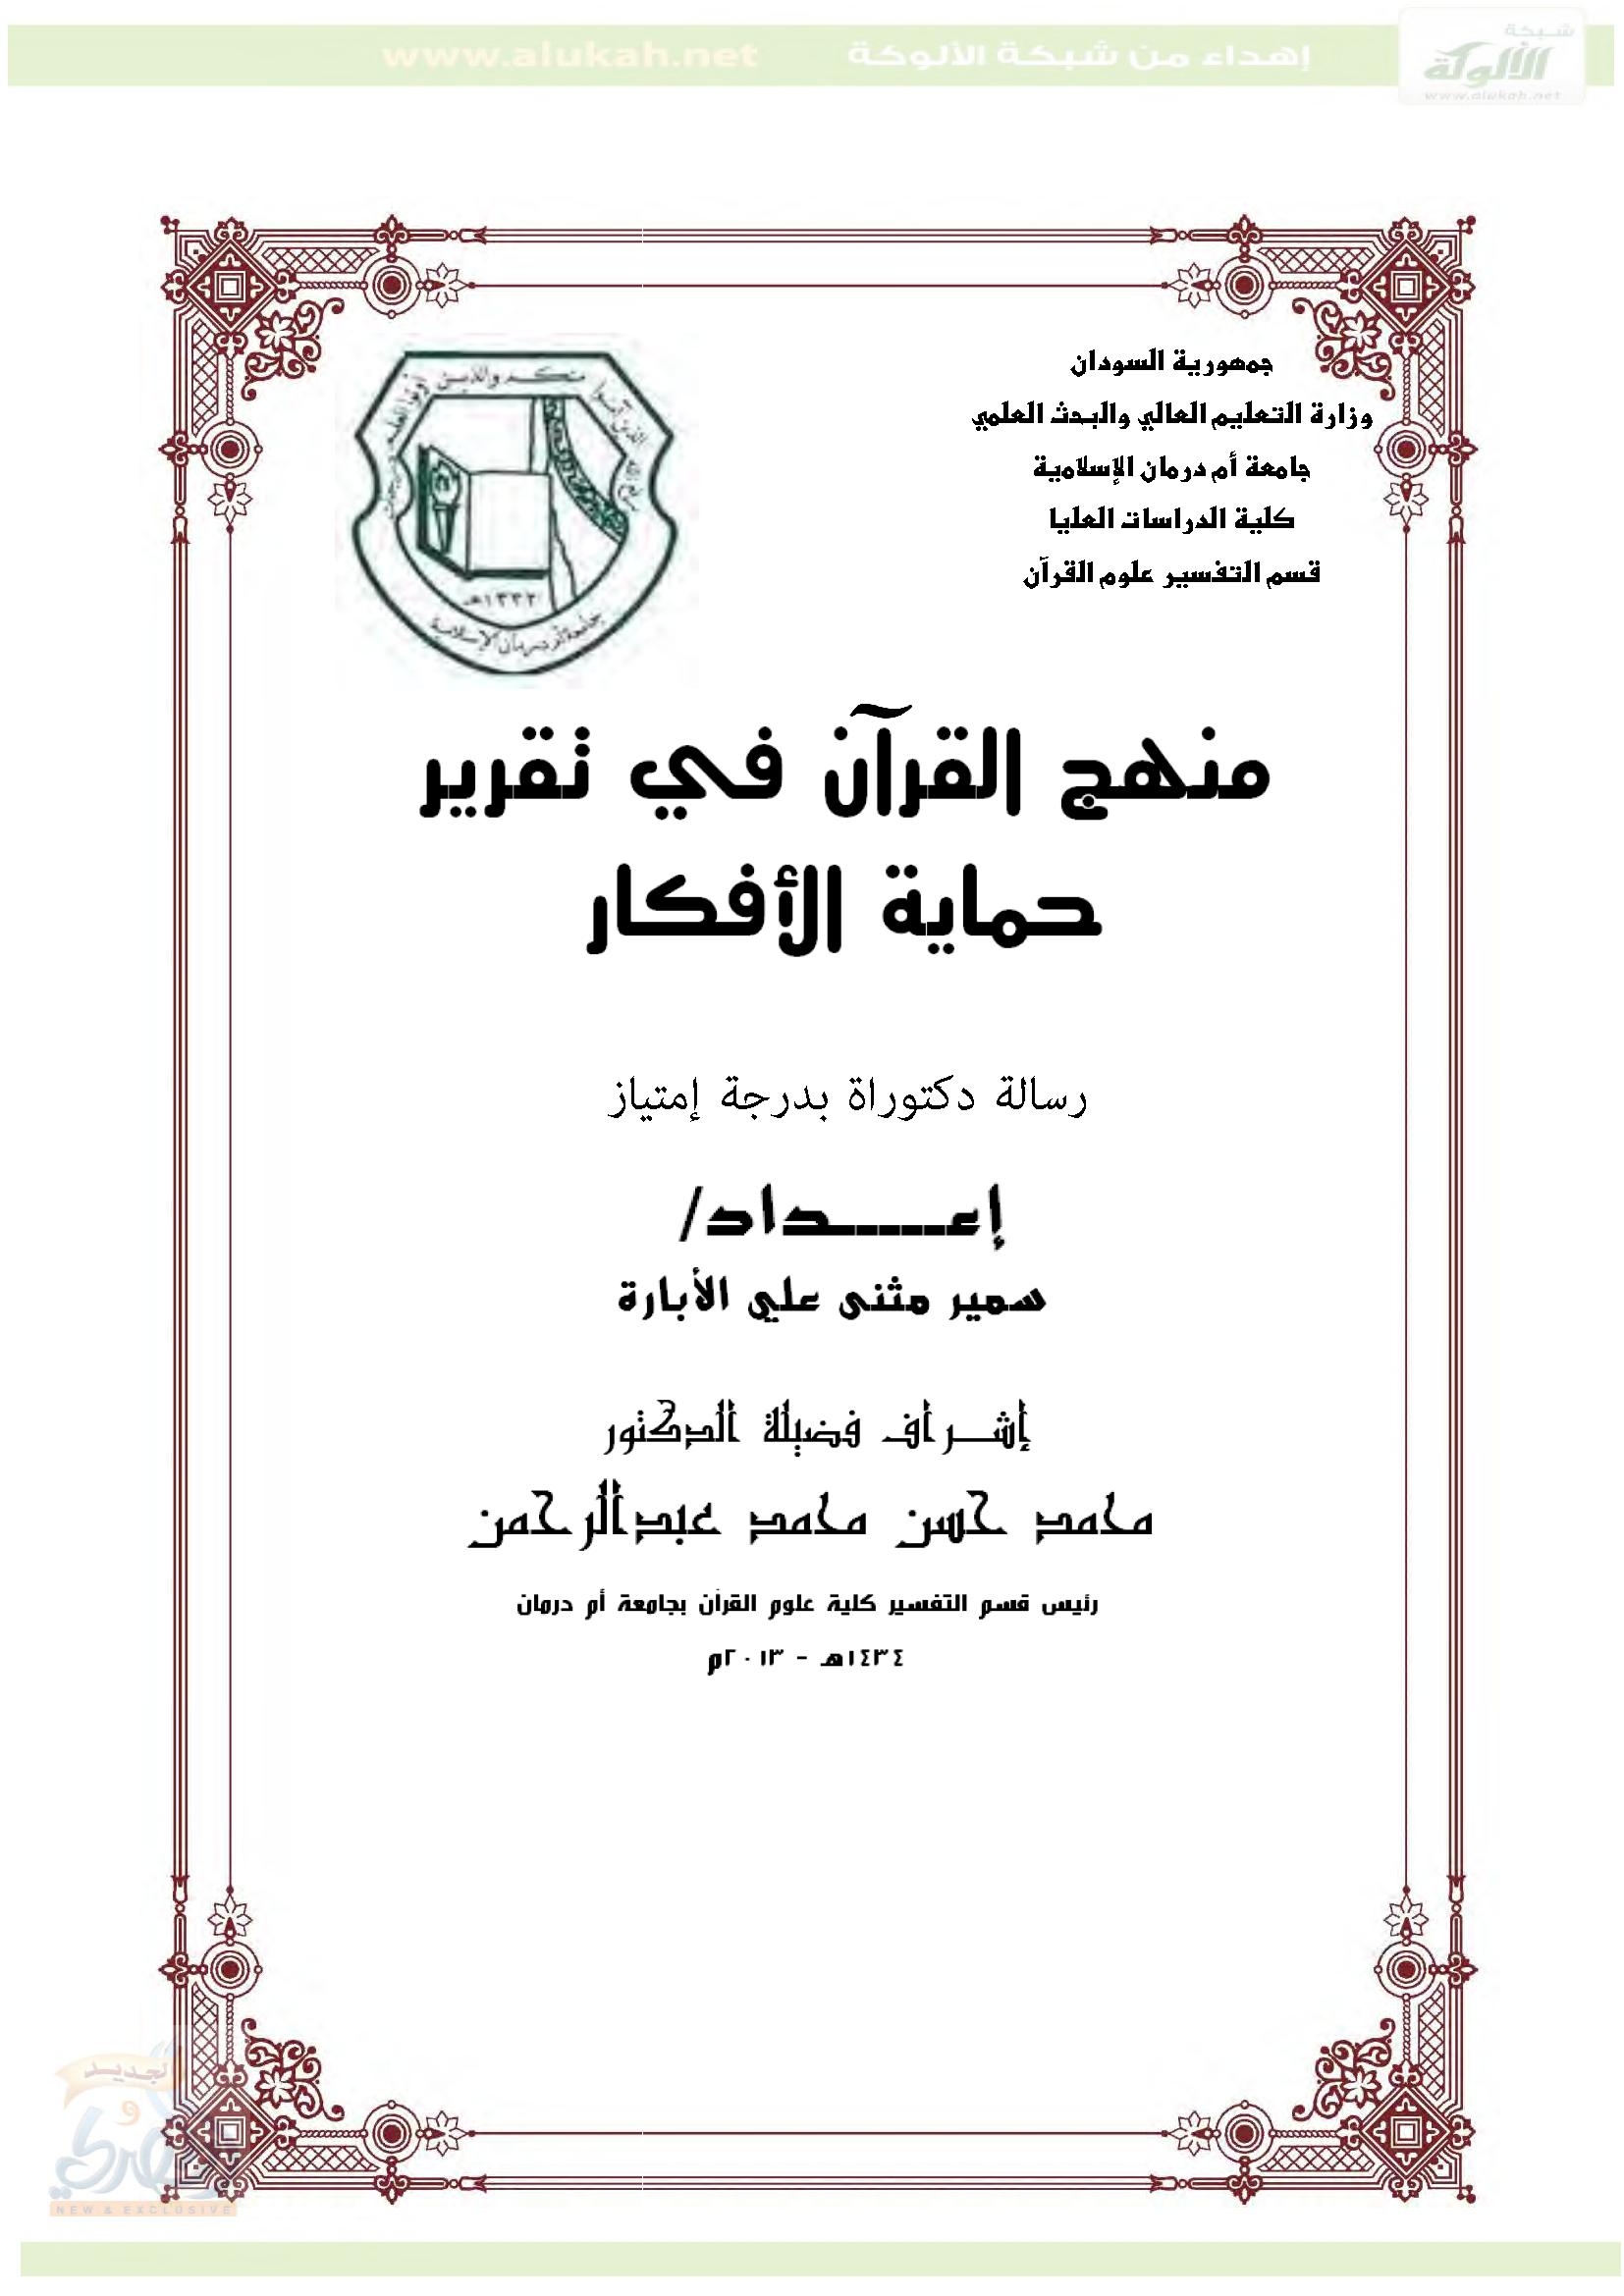 تحميل كتاب منهج القرآن في تقرير حماية الأفكار لـِ: الدكتور سمير مثنى علي الأبارة